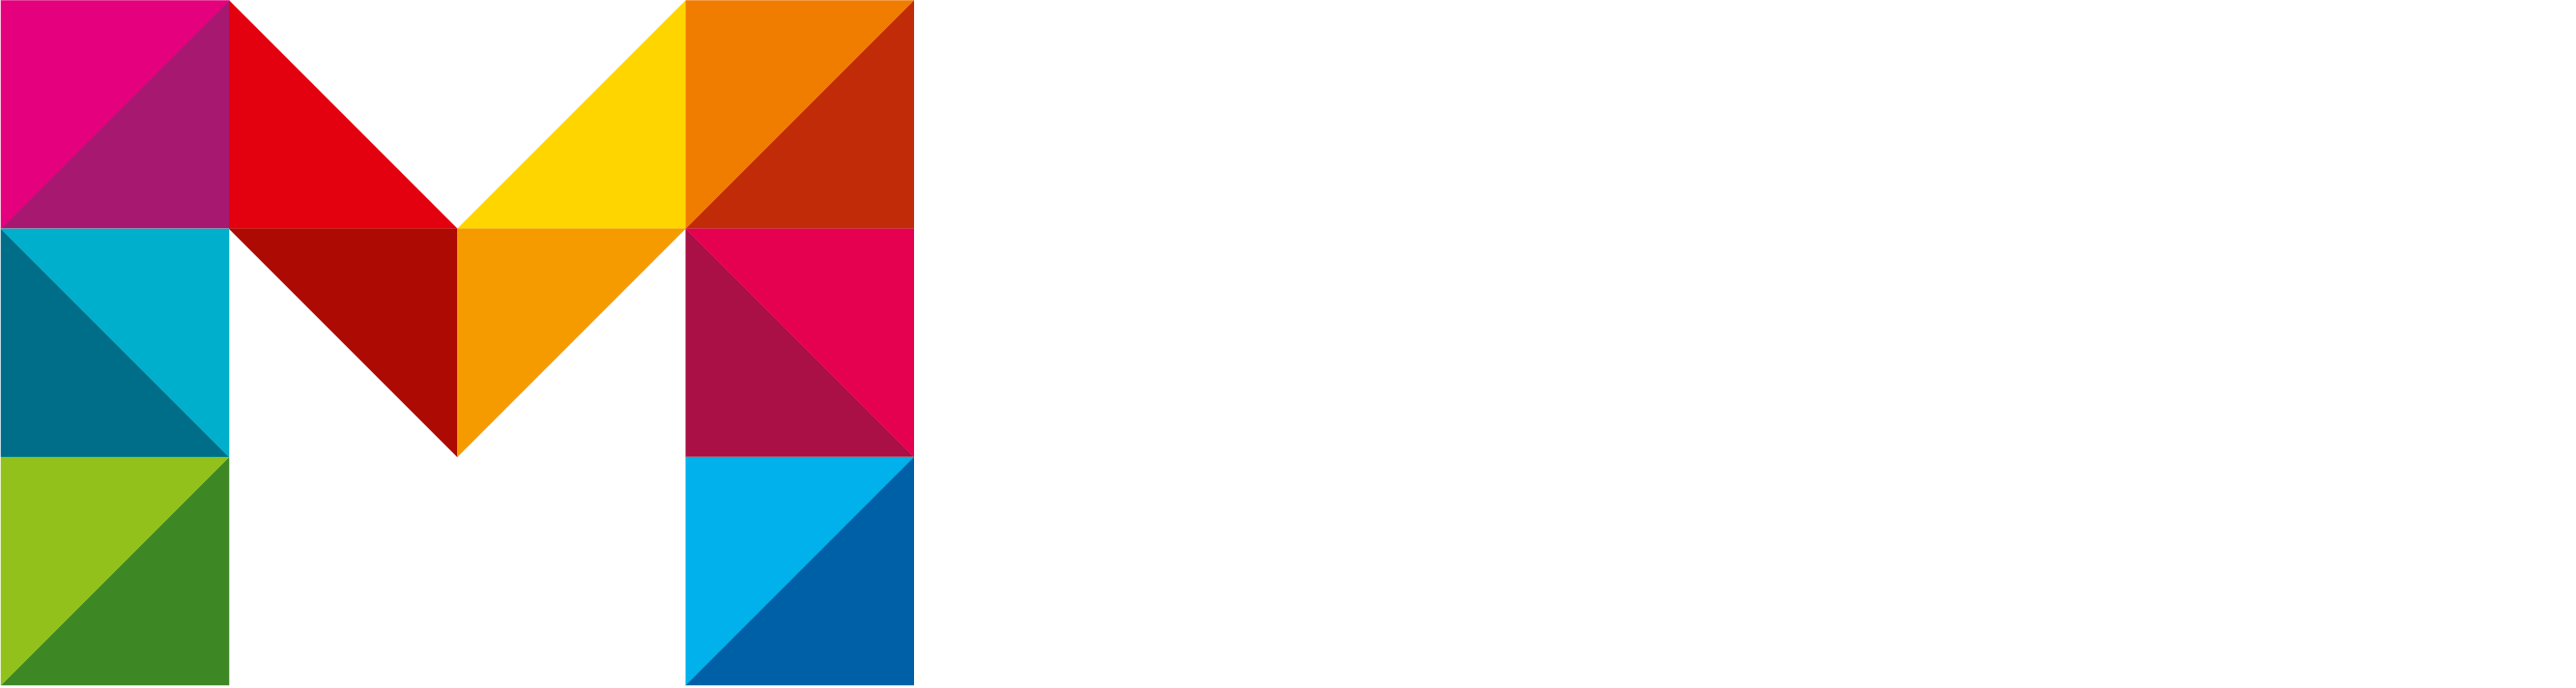 Mainzer Stadtwerke Logo